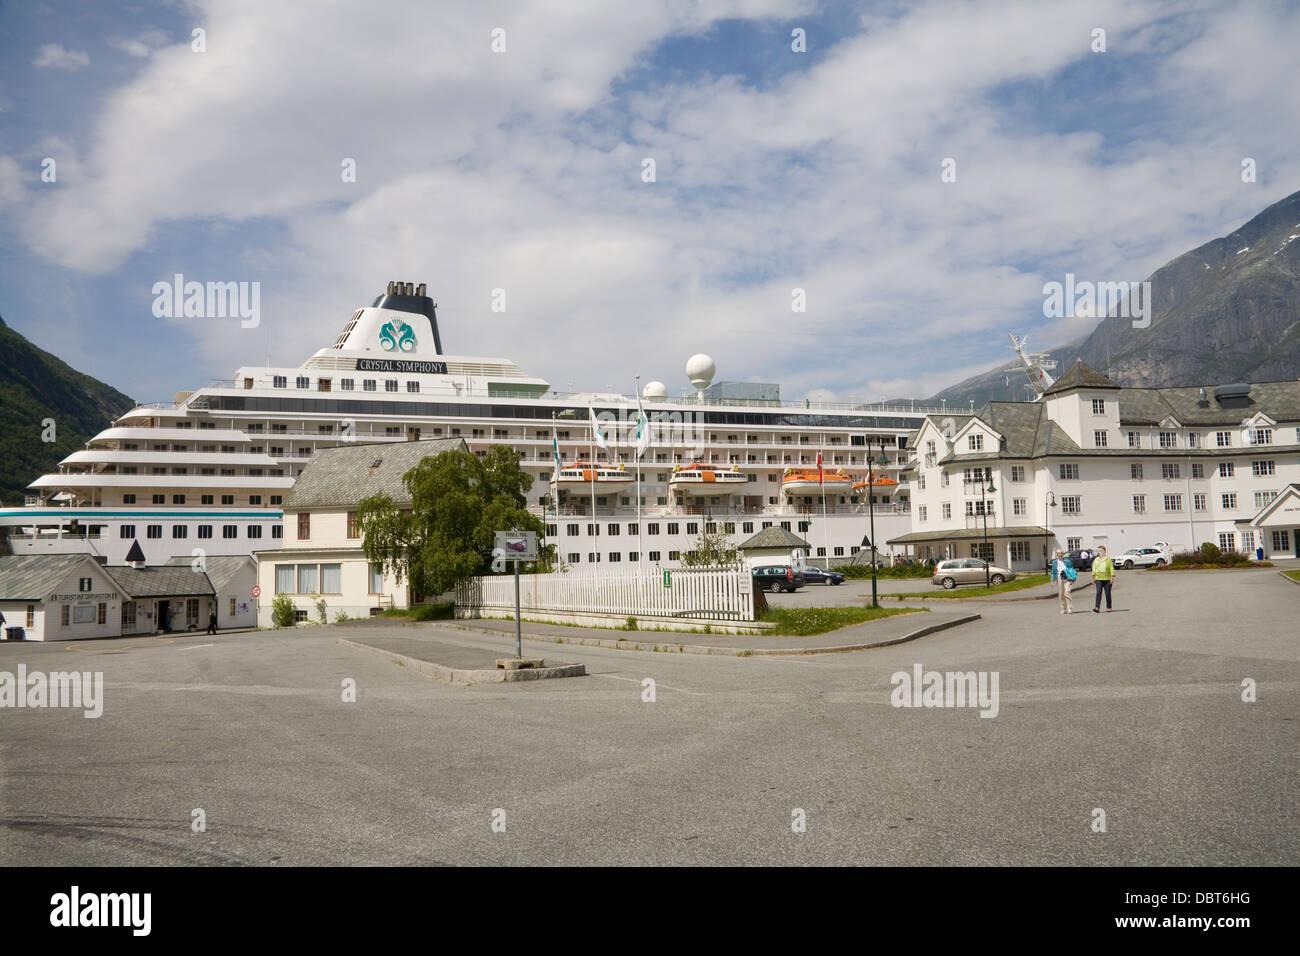 Eidfjord Hordaland Norvège Europe Crystal sympathie bateau de croisière dans le port de la ville avec Photo Stock